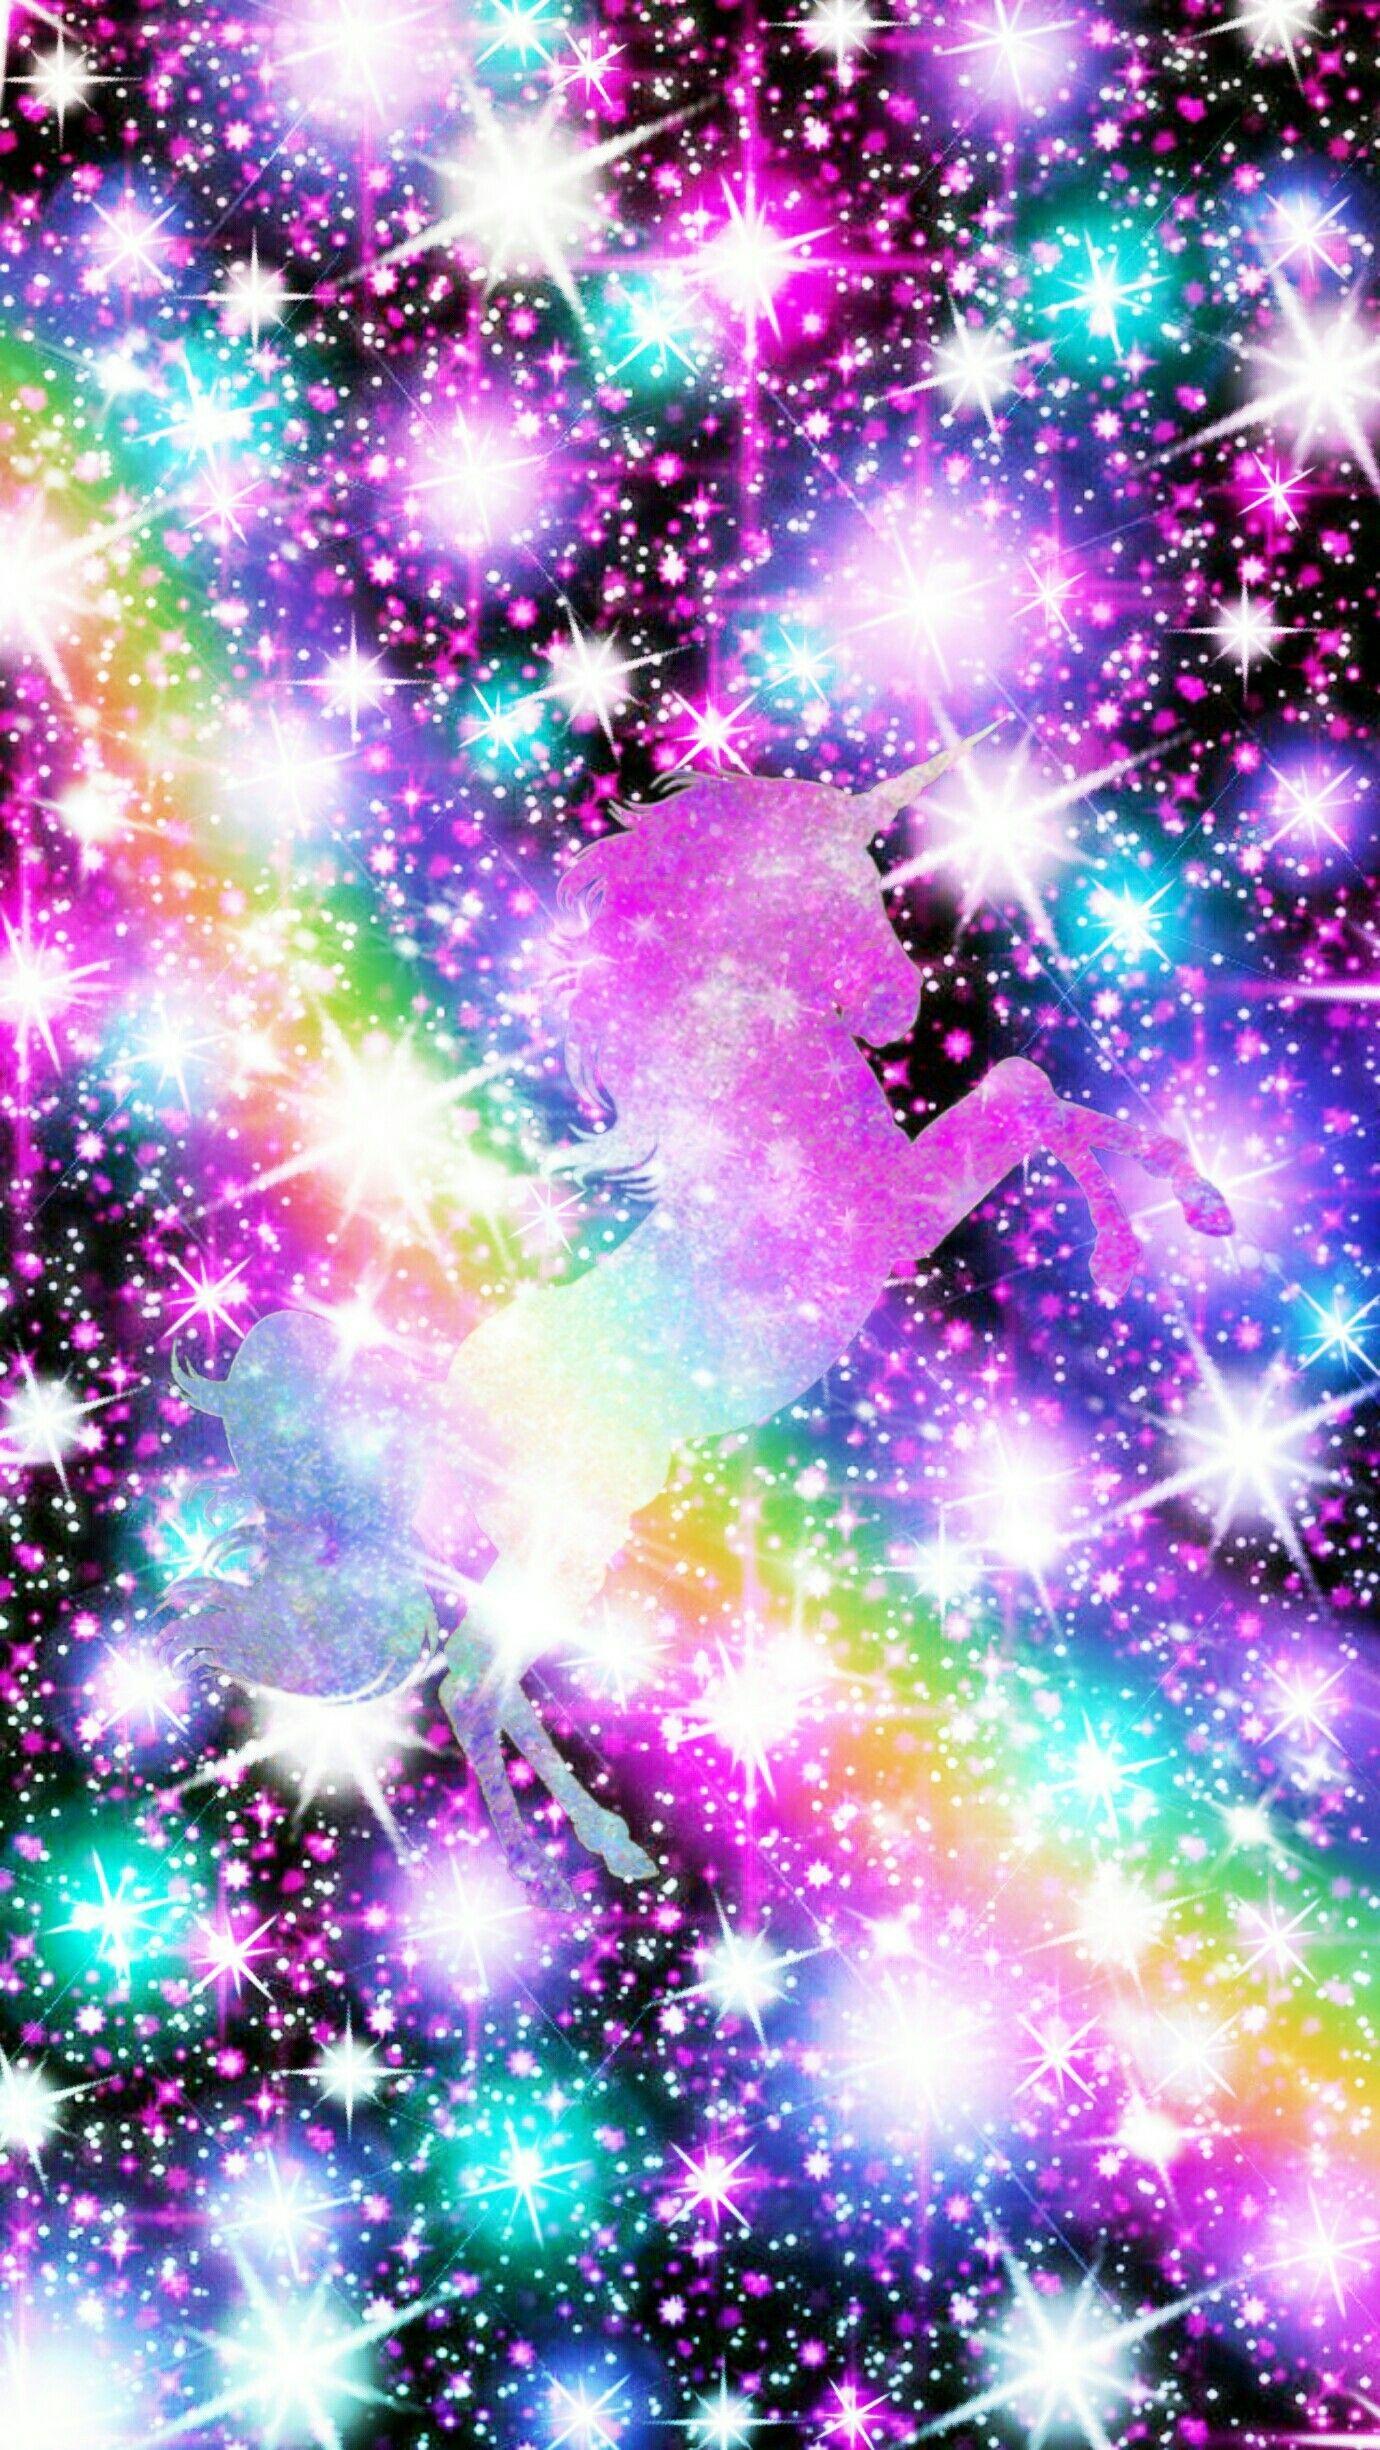 Glitter Galaxy Unicorn Sparkle Glitter Unicorn Wallpaper Novocom Top